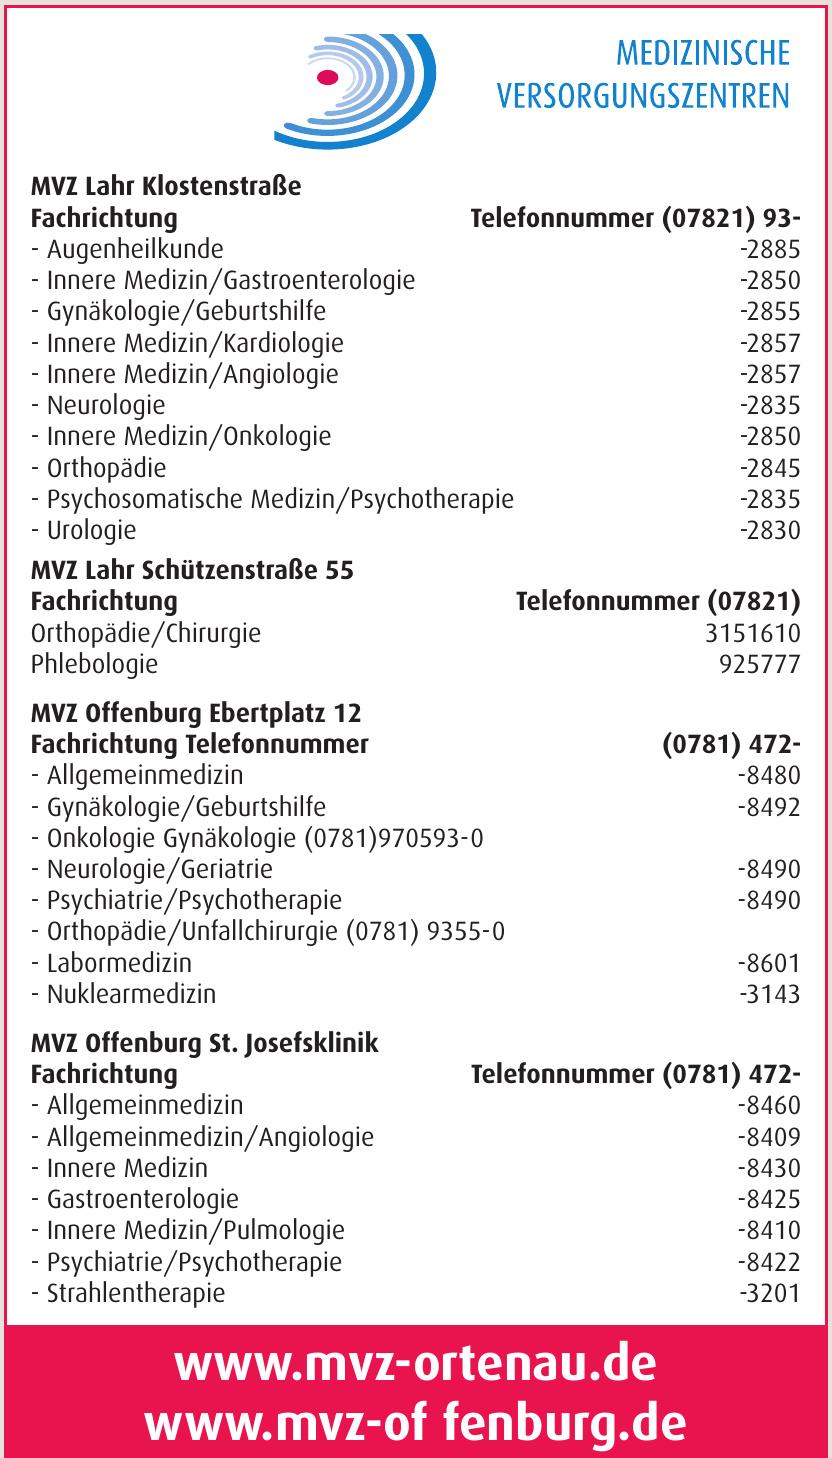 Medizinische Versorgungszentren